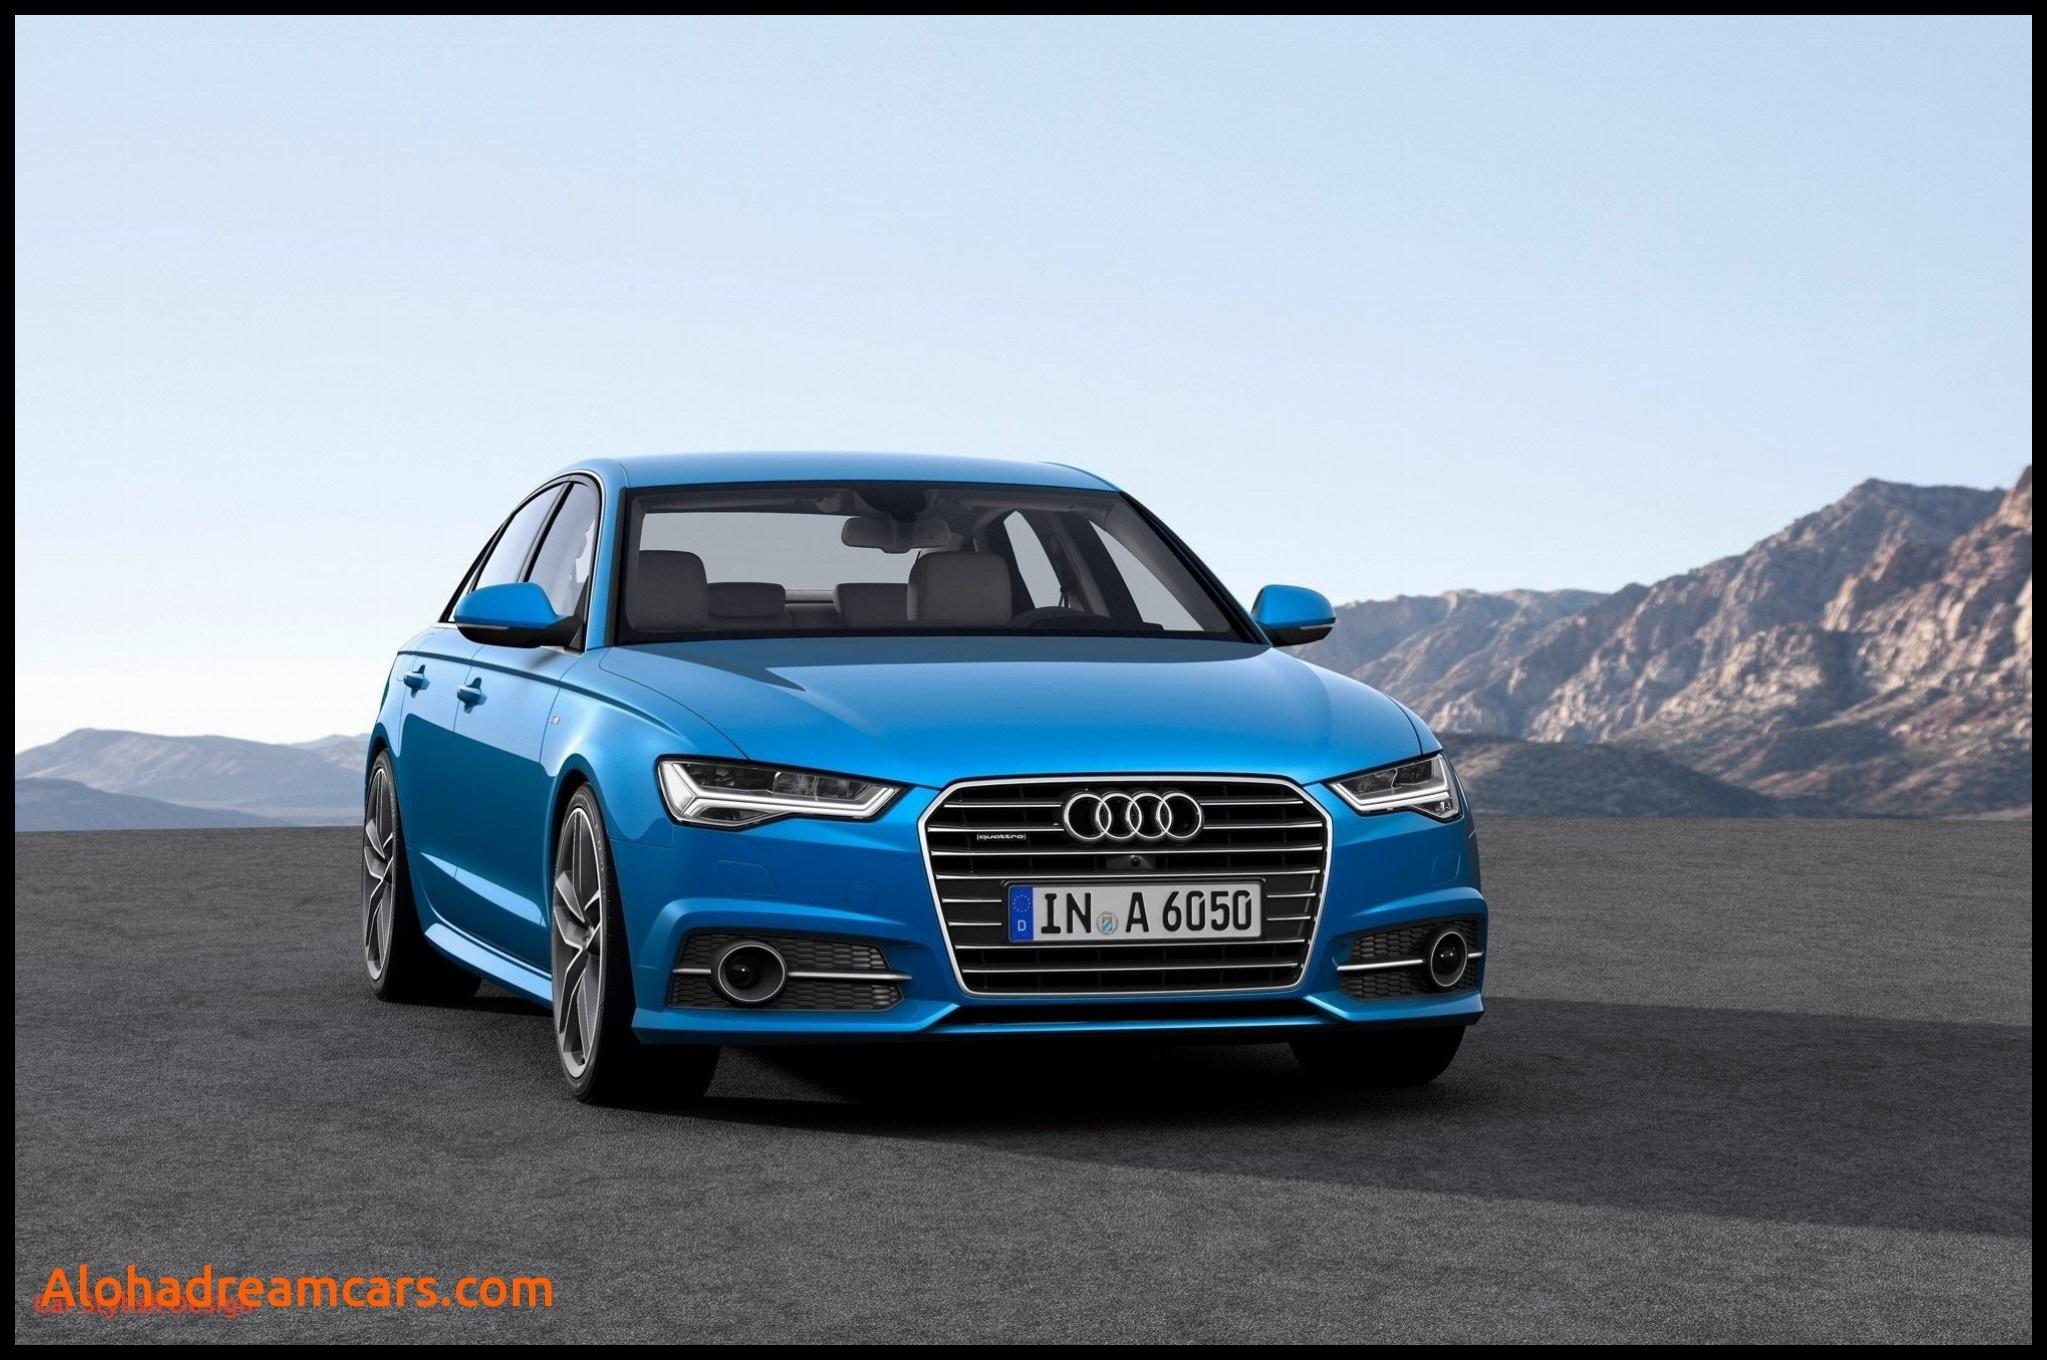 2018 Audi A6 Specs and Review 2018 Audi A6 Review Audi A6 Unique Audi A6 Avant